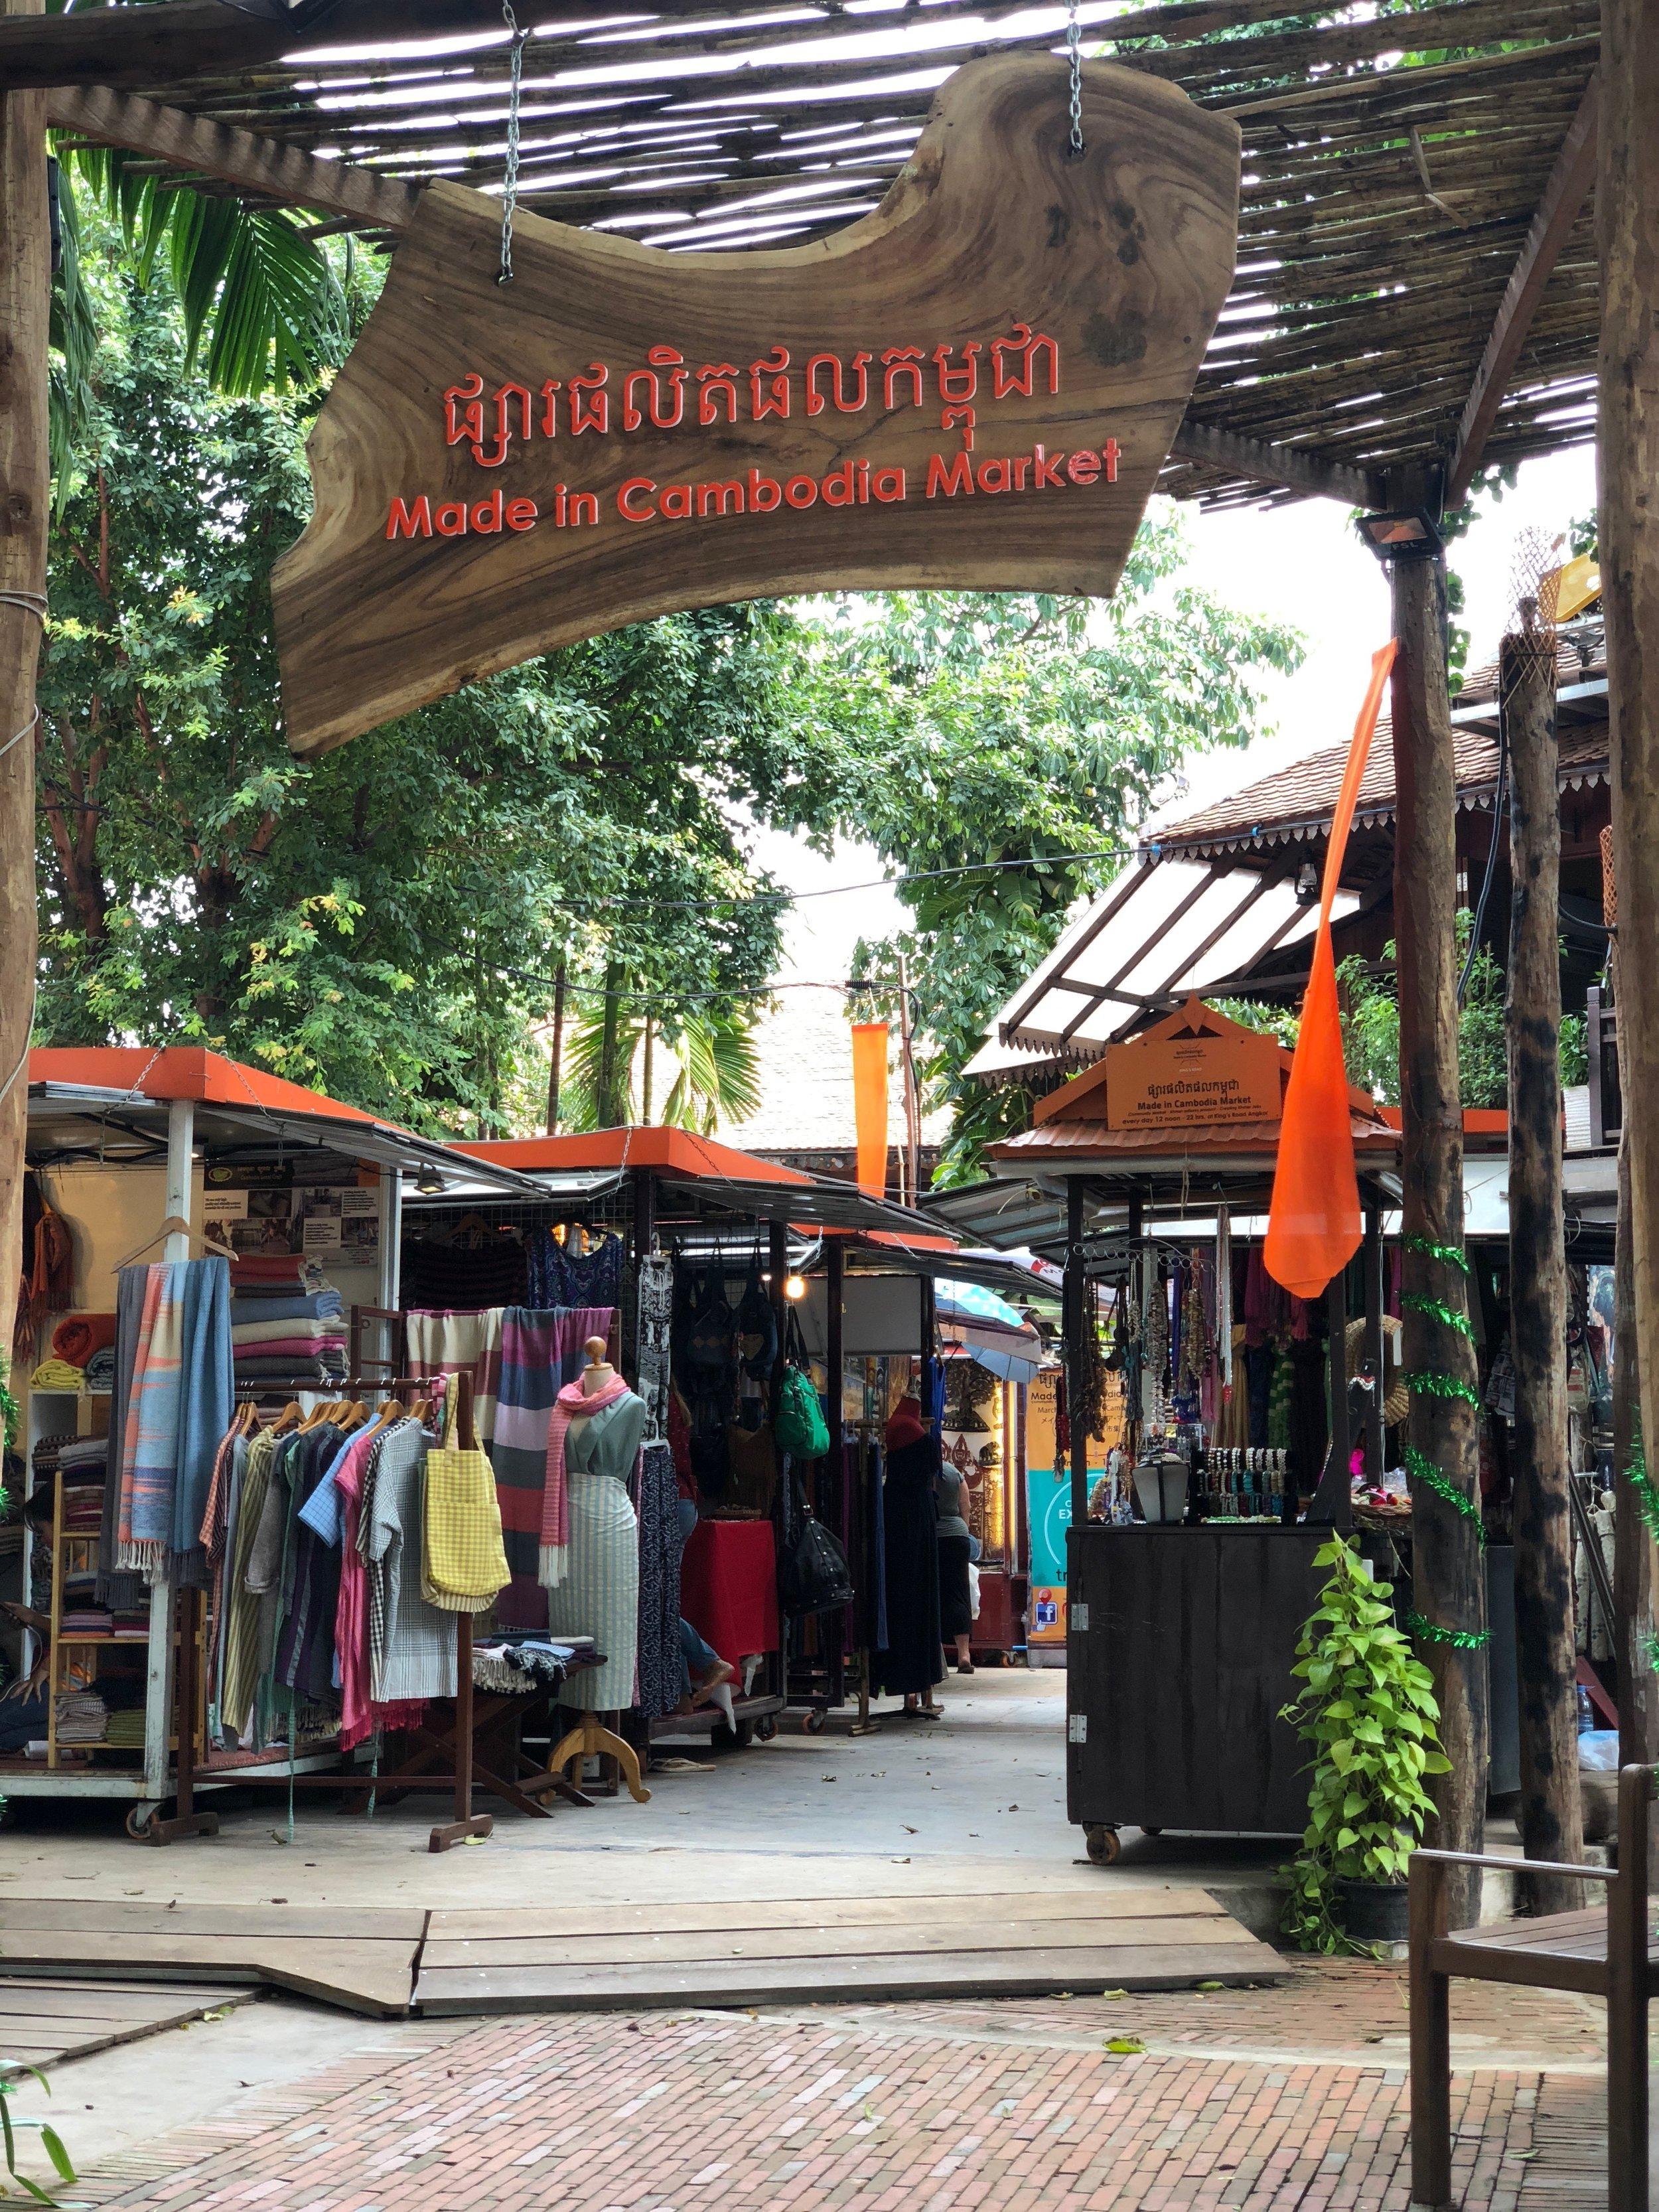 made_in_camboida_market.jpg